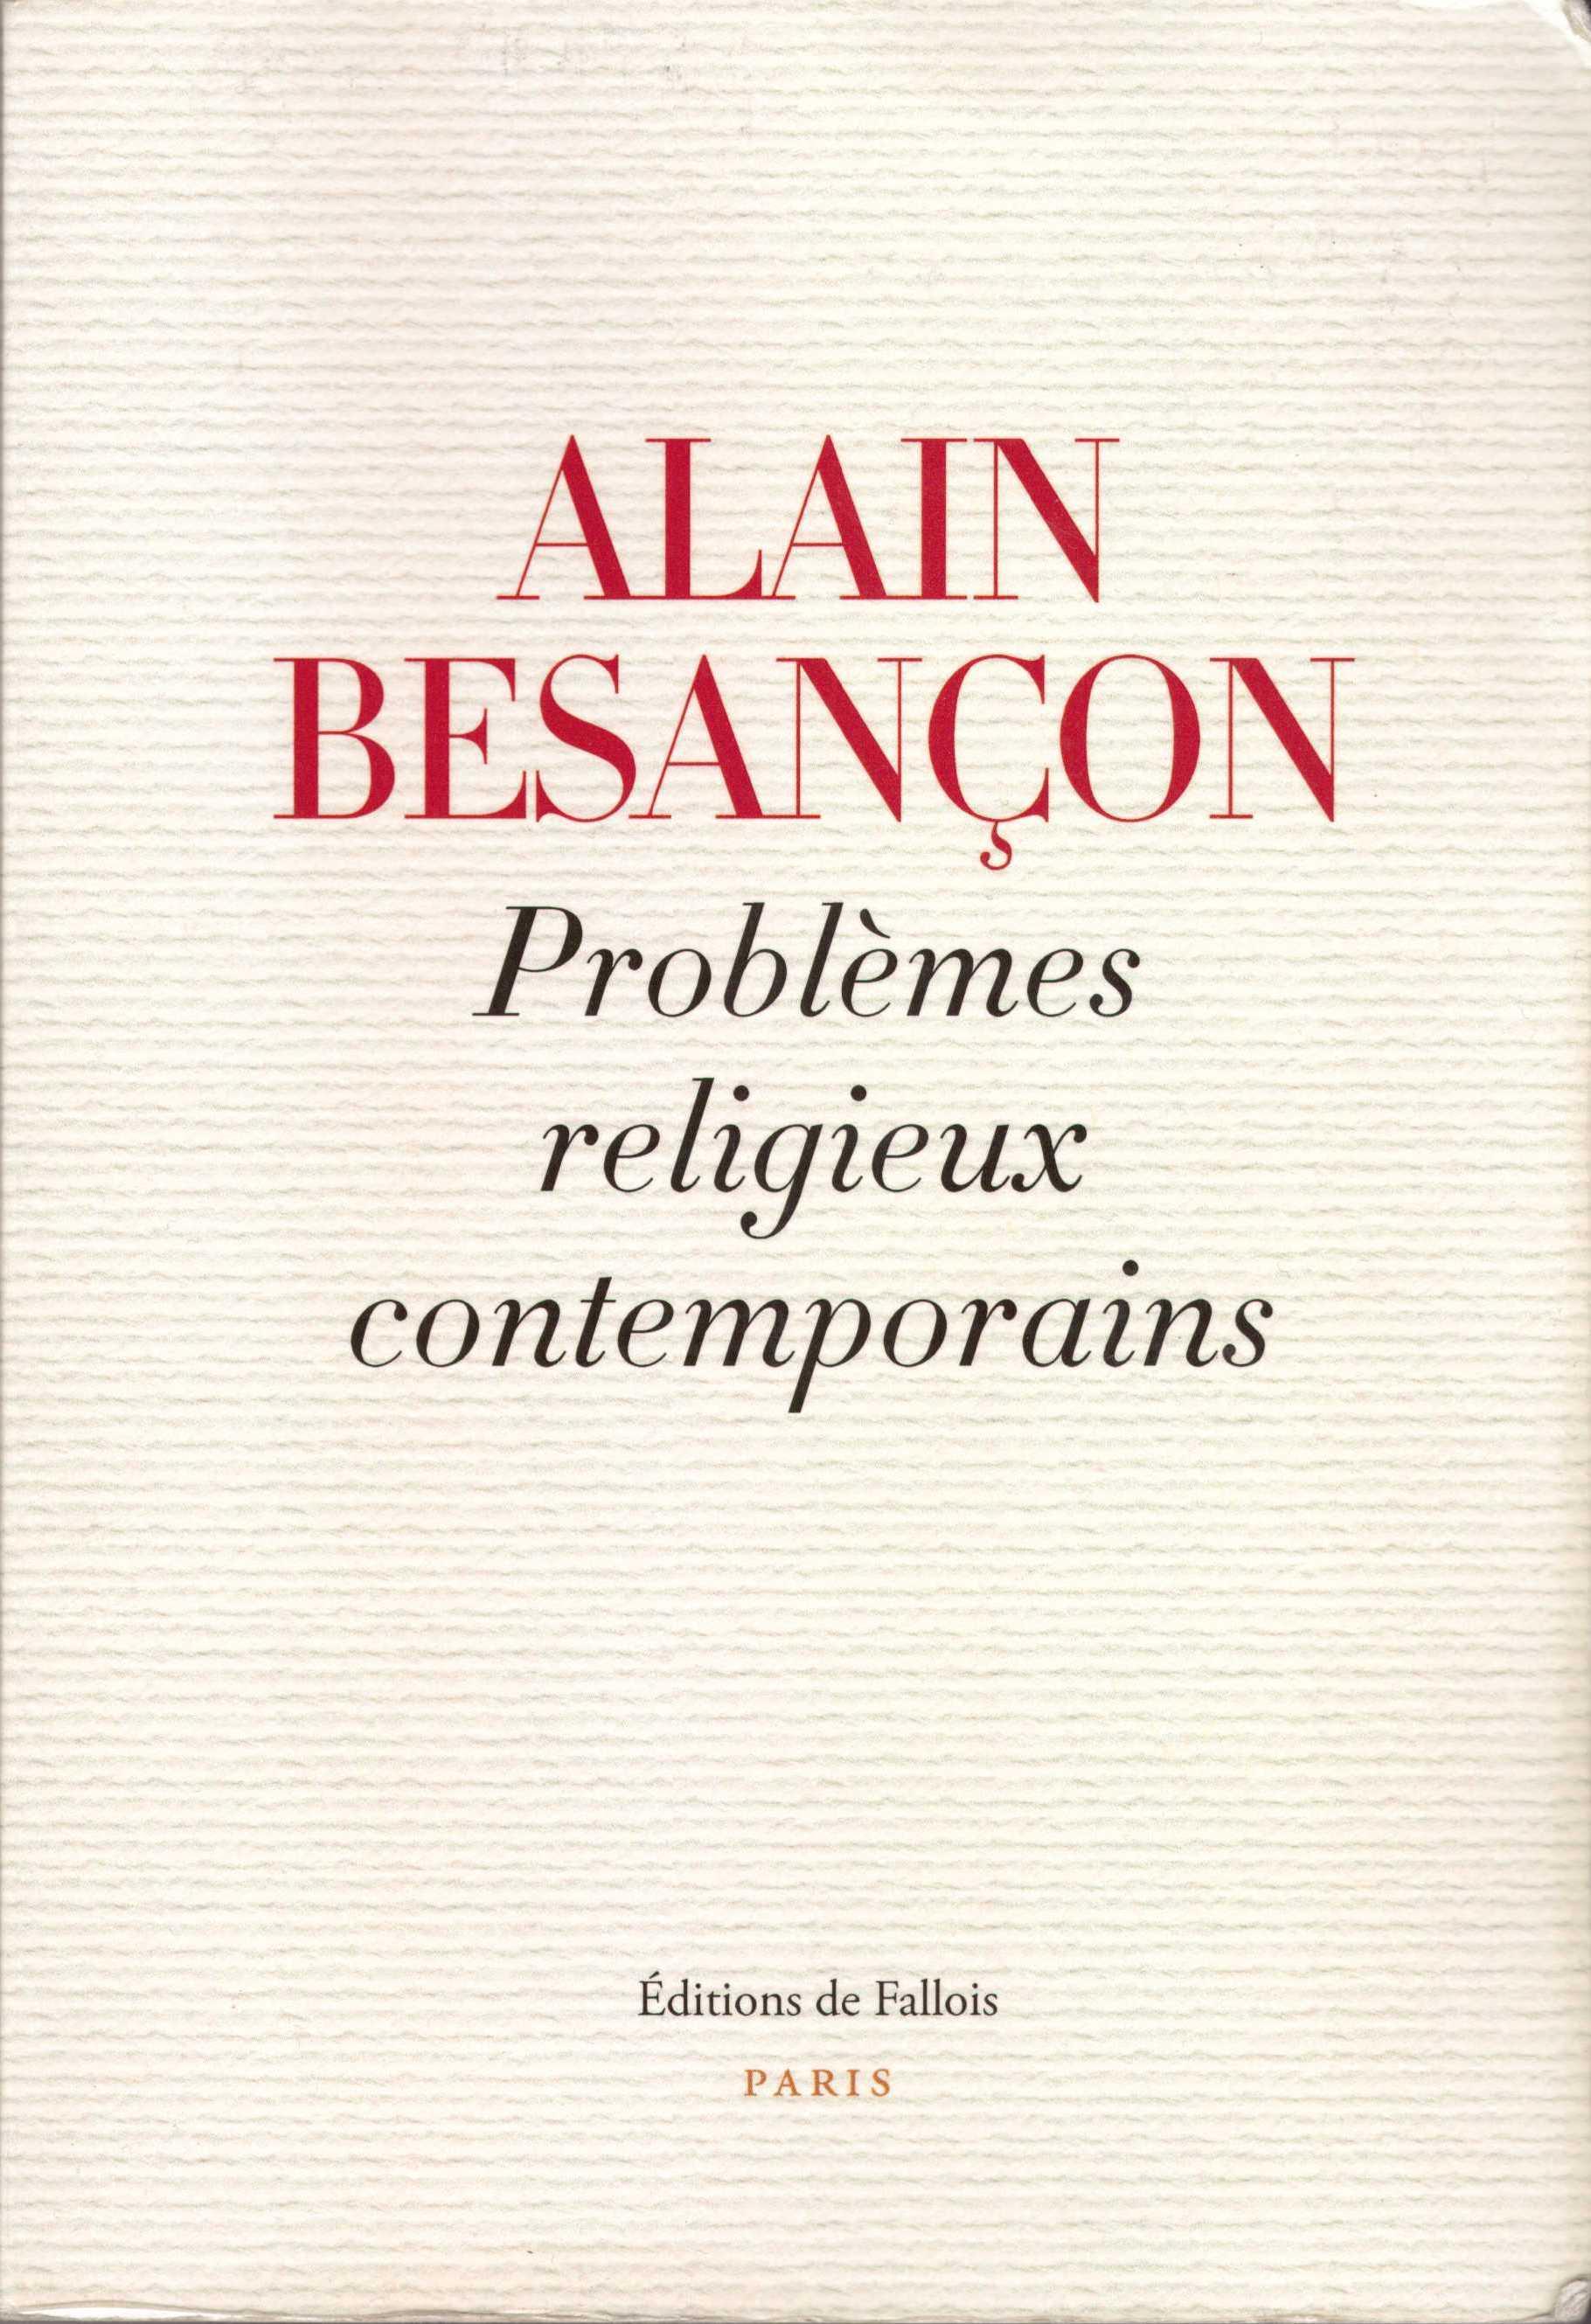 Problèmes religieux contemporains - Alain Besançon